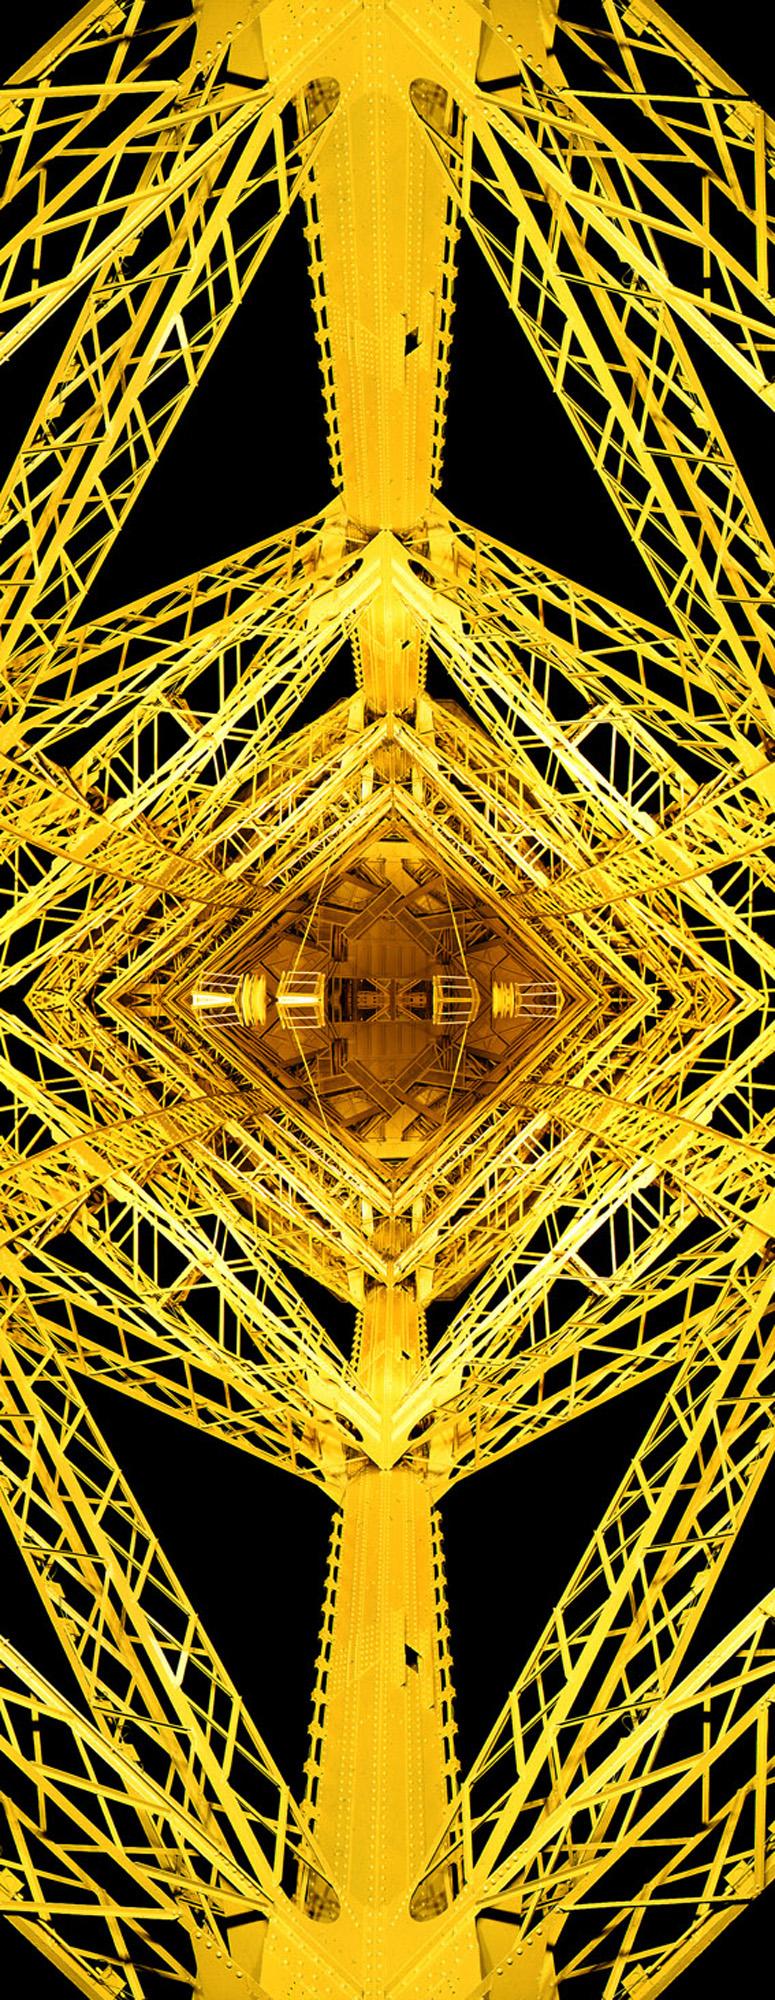 Symmetries XIII